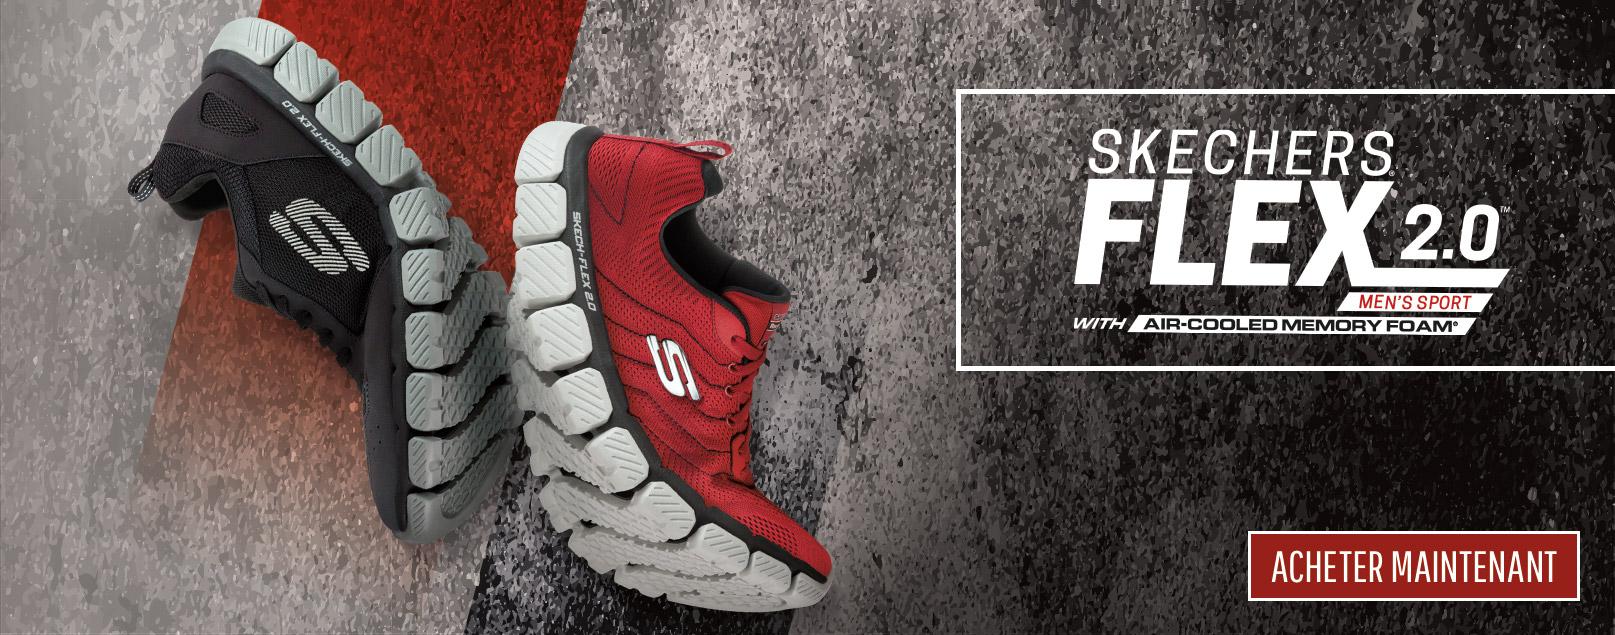 Chaussures de sport SKECHERS pour hommes de style athlétique avec le confort mousse mémoire